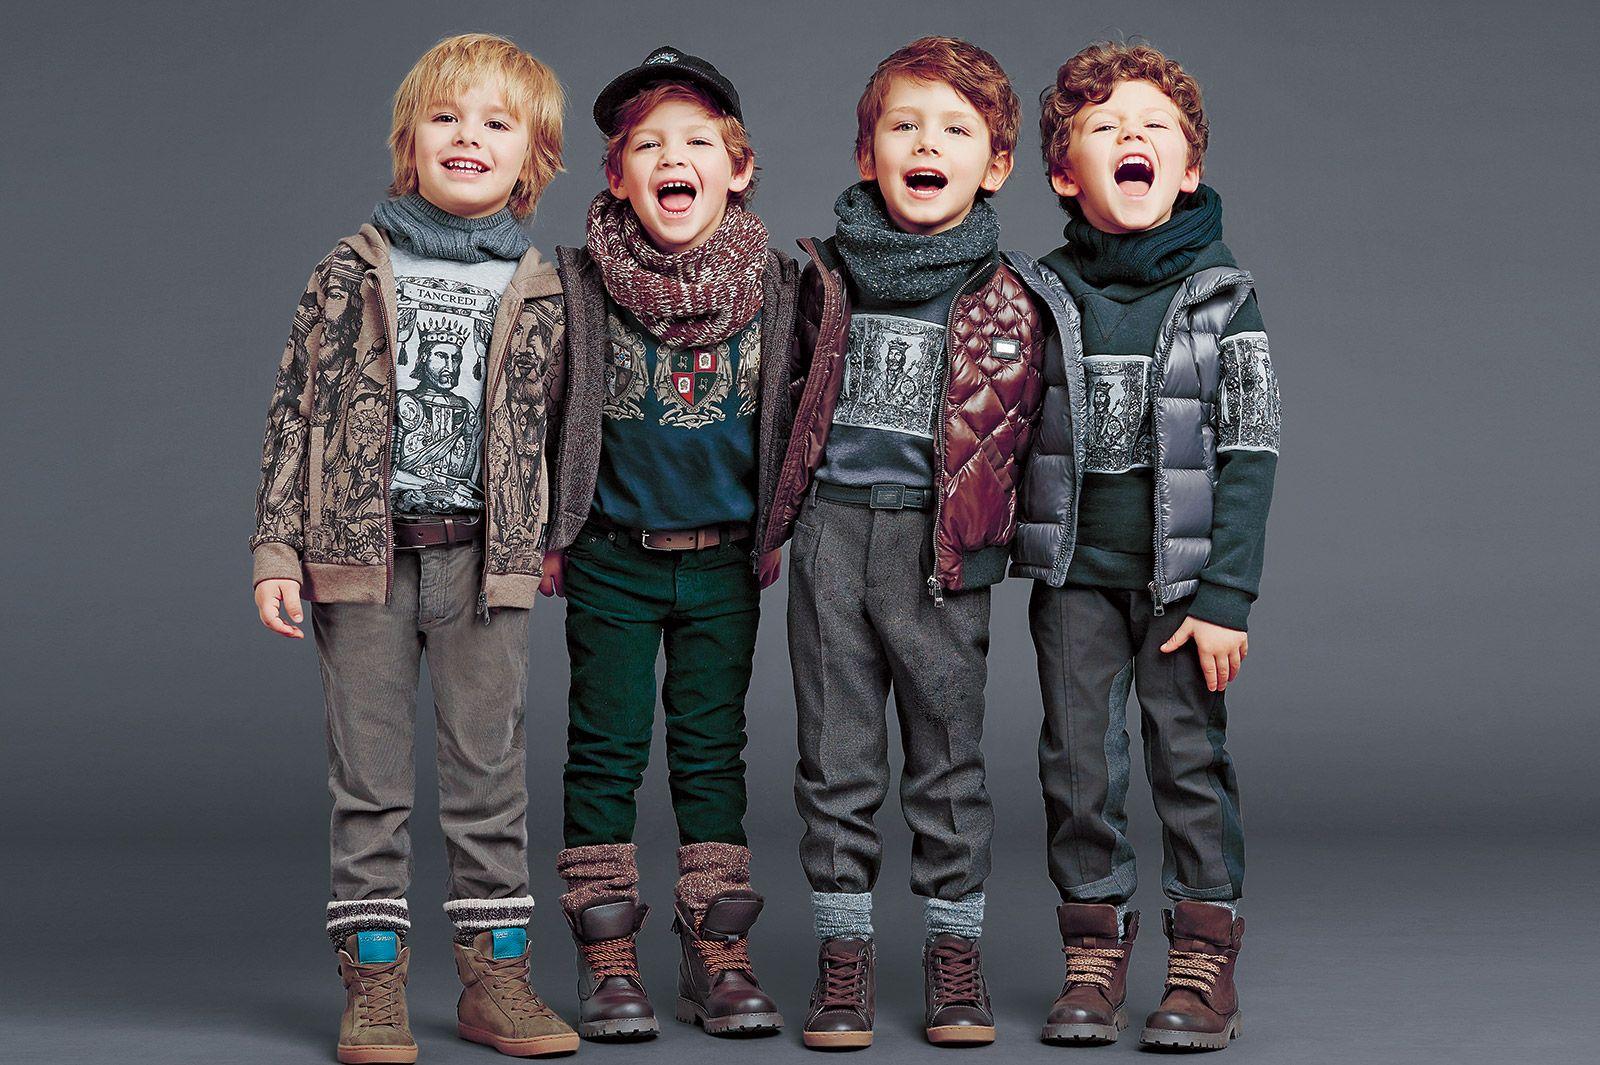 Dolce & Gabbana – Collezione Bambini Autunno Inverno 2014 2015